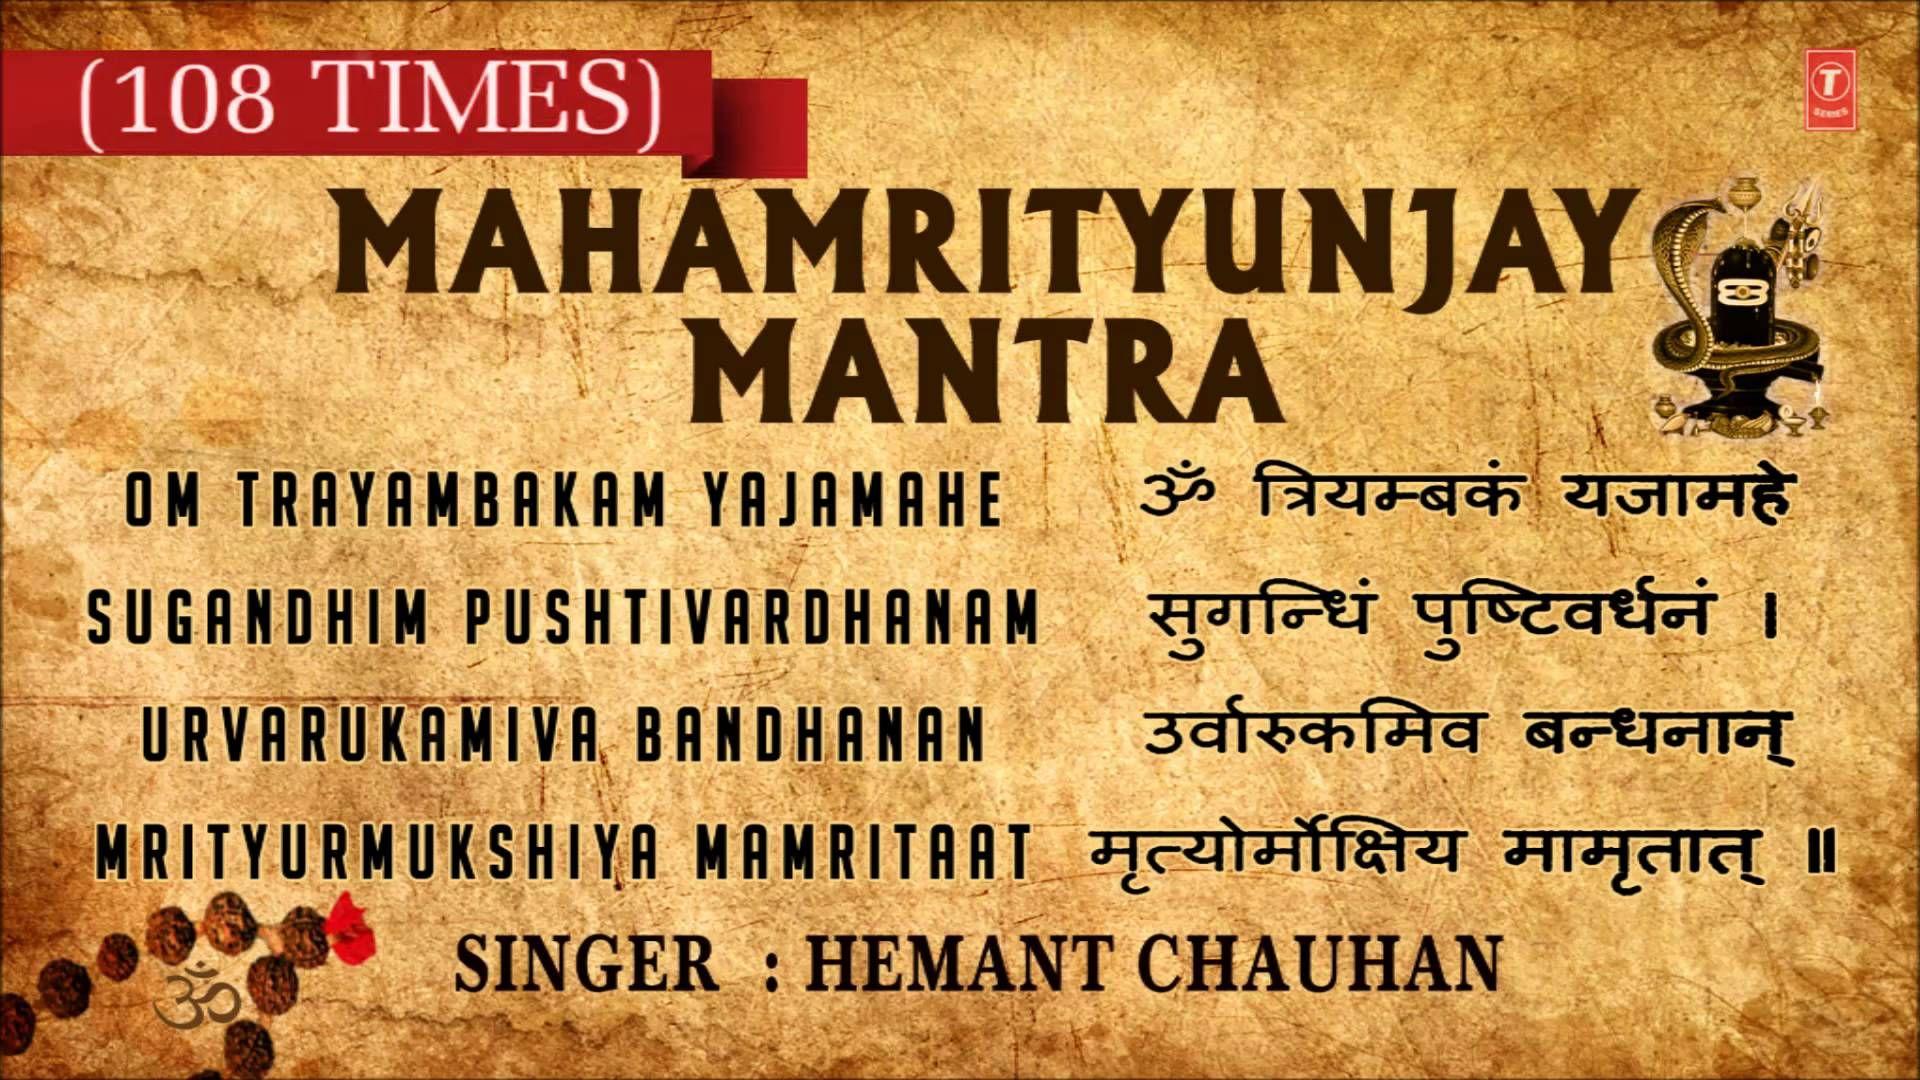 Mahamrityunjay Mantra 108 times By Hemant Chauhan I Full